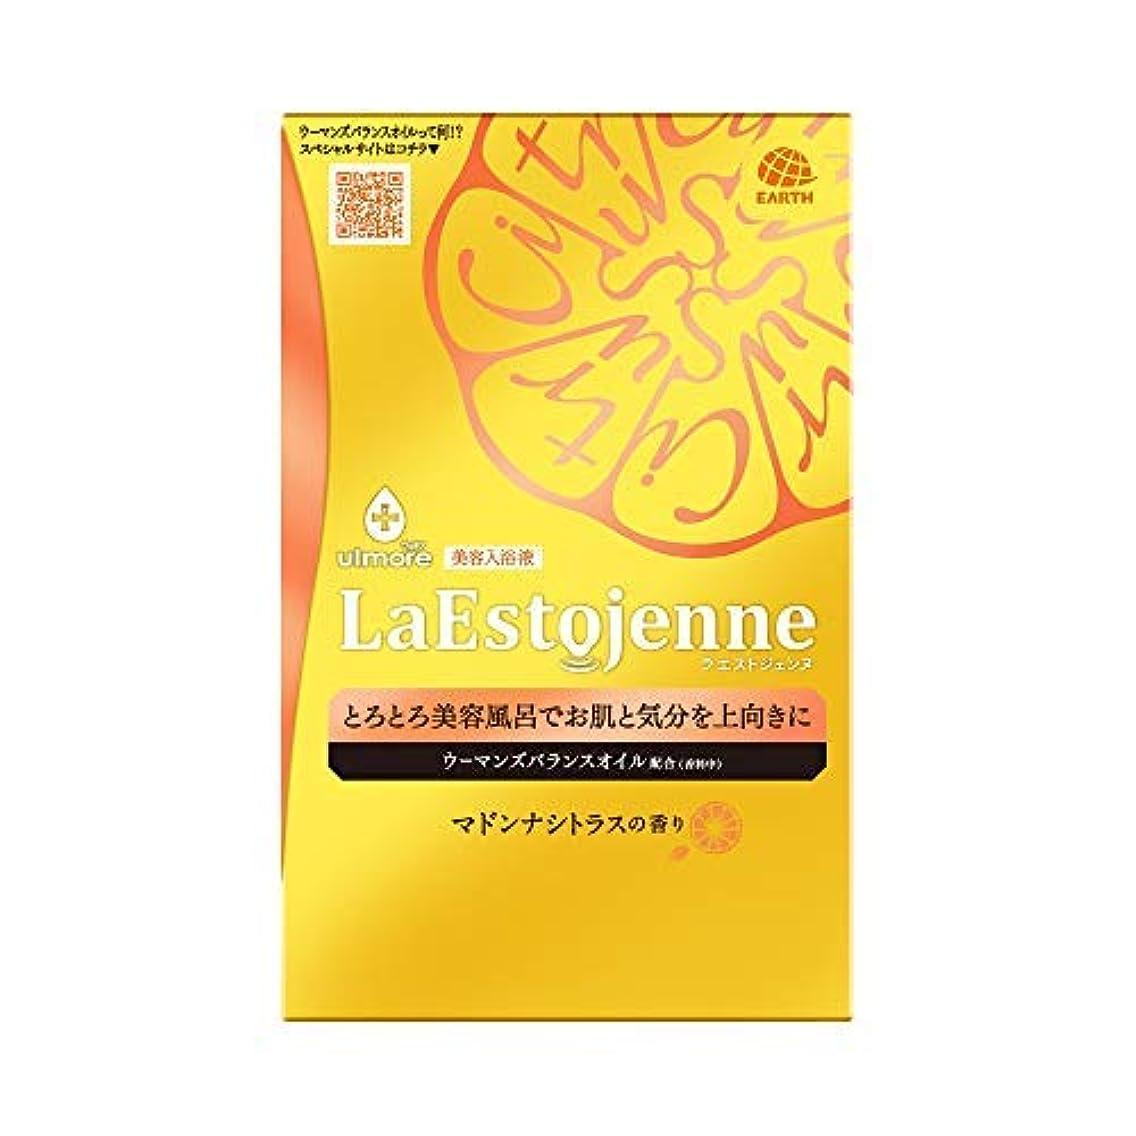 今晩混乱したオーストラリア人ウルモア ラエストジェンヌ マドンナシトラスの香り 3包入り × 2個セット